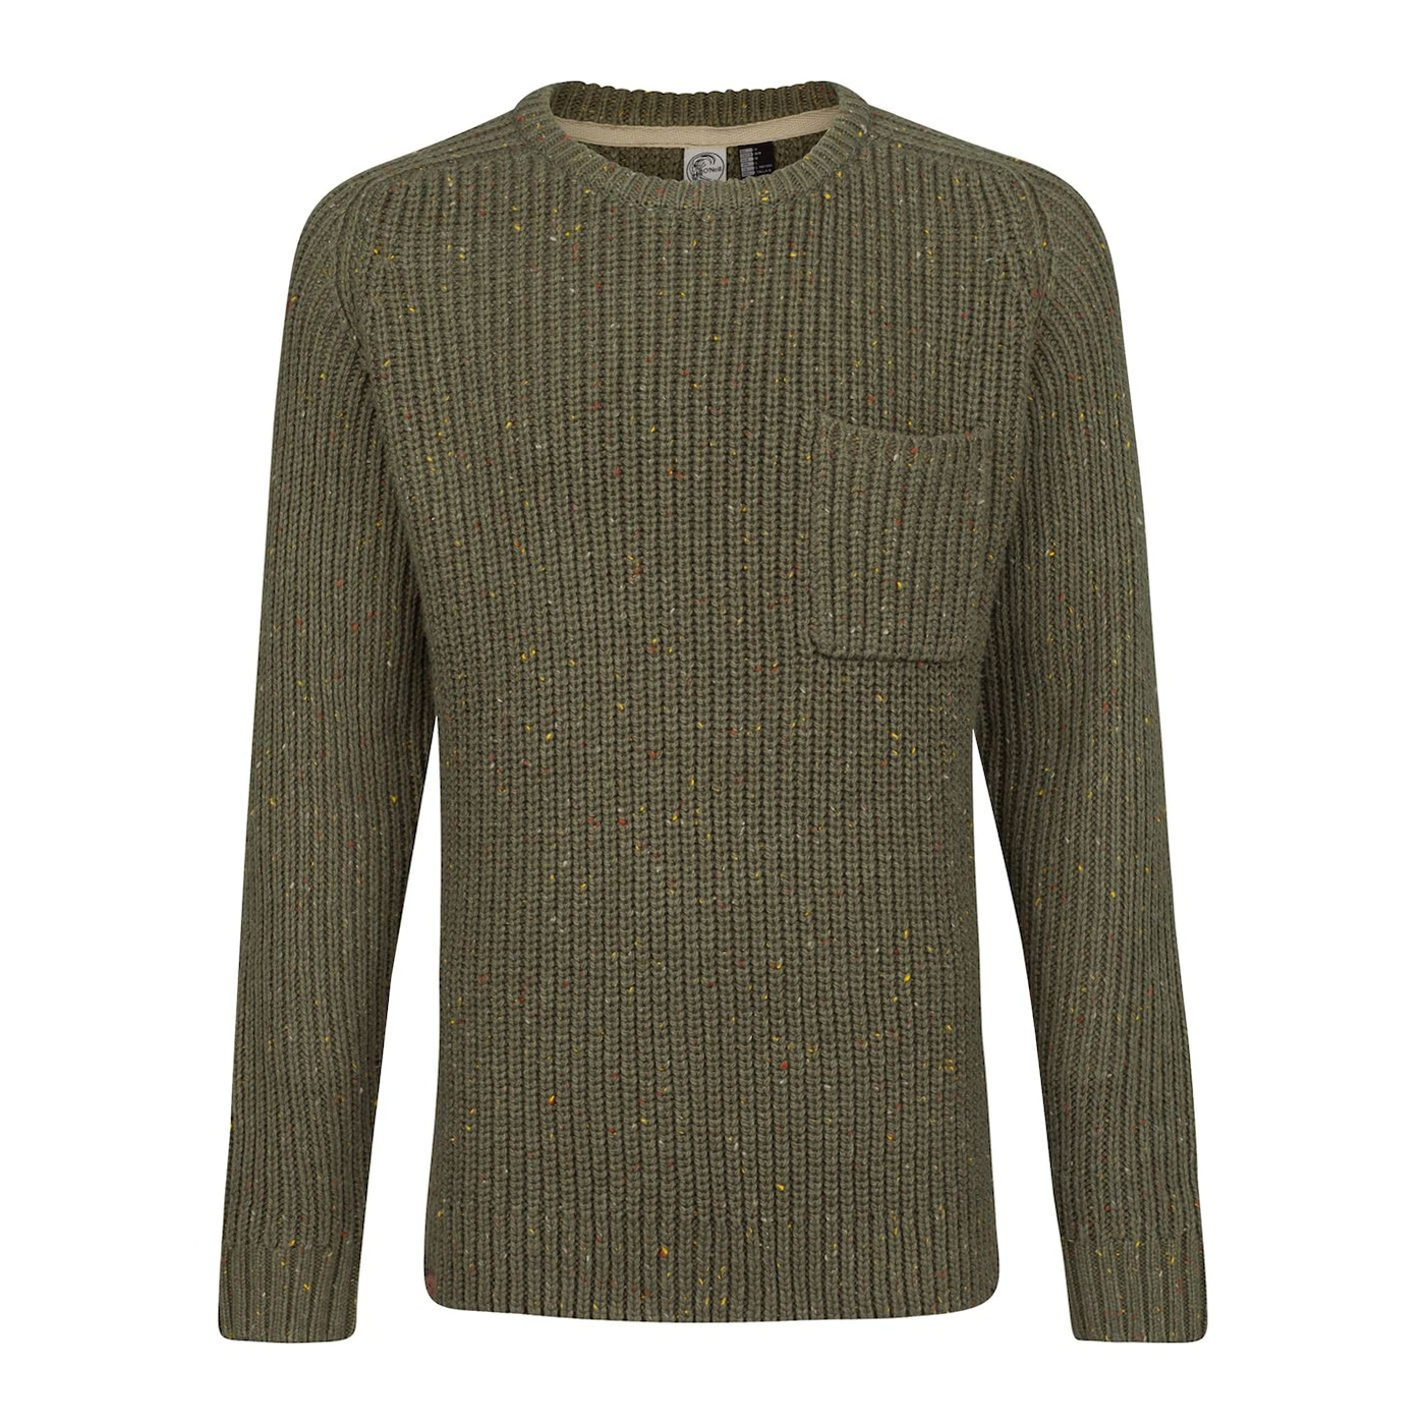 ONeill Pocket Pullover Mens